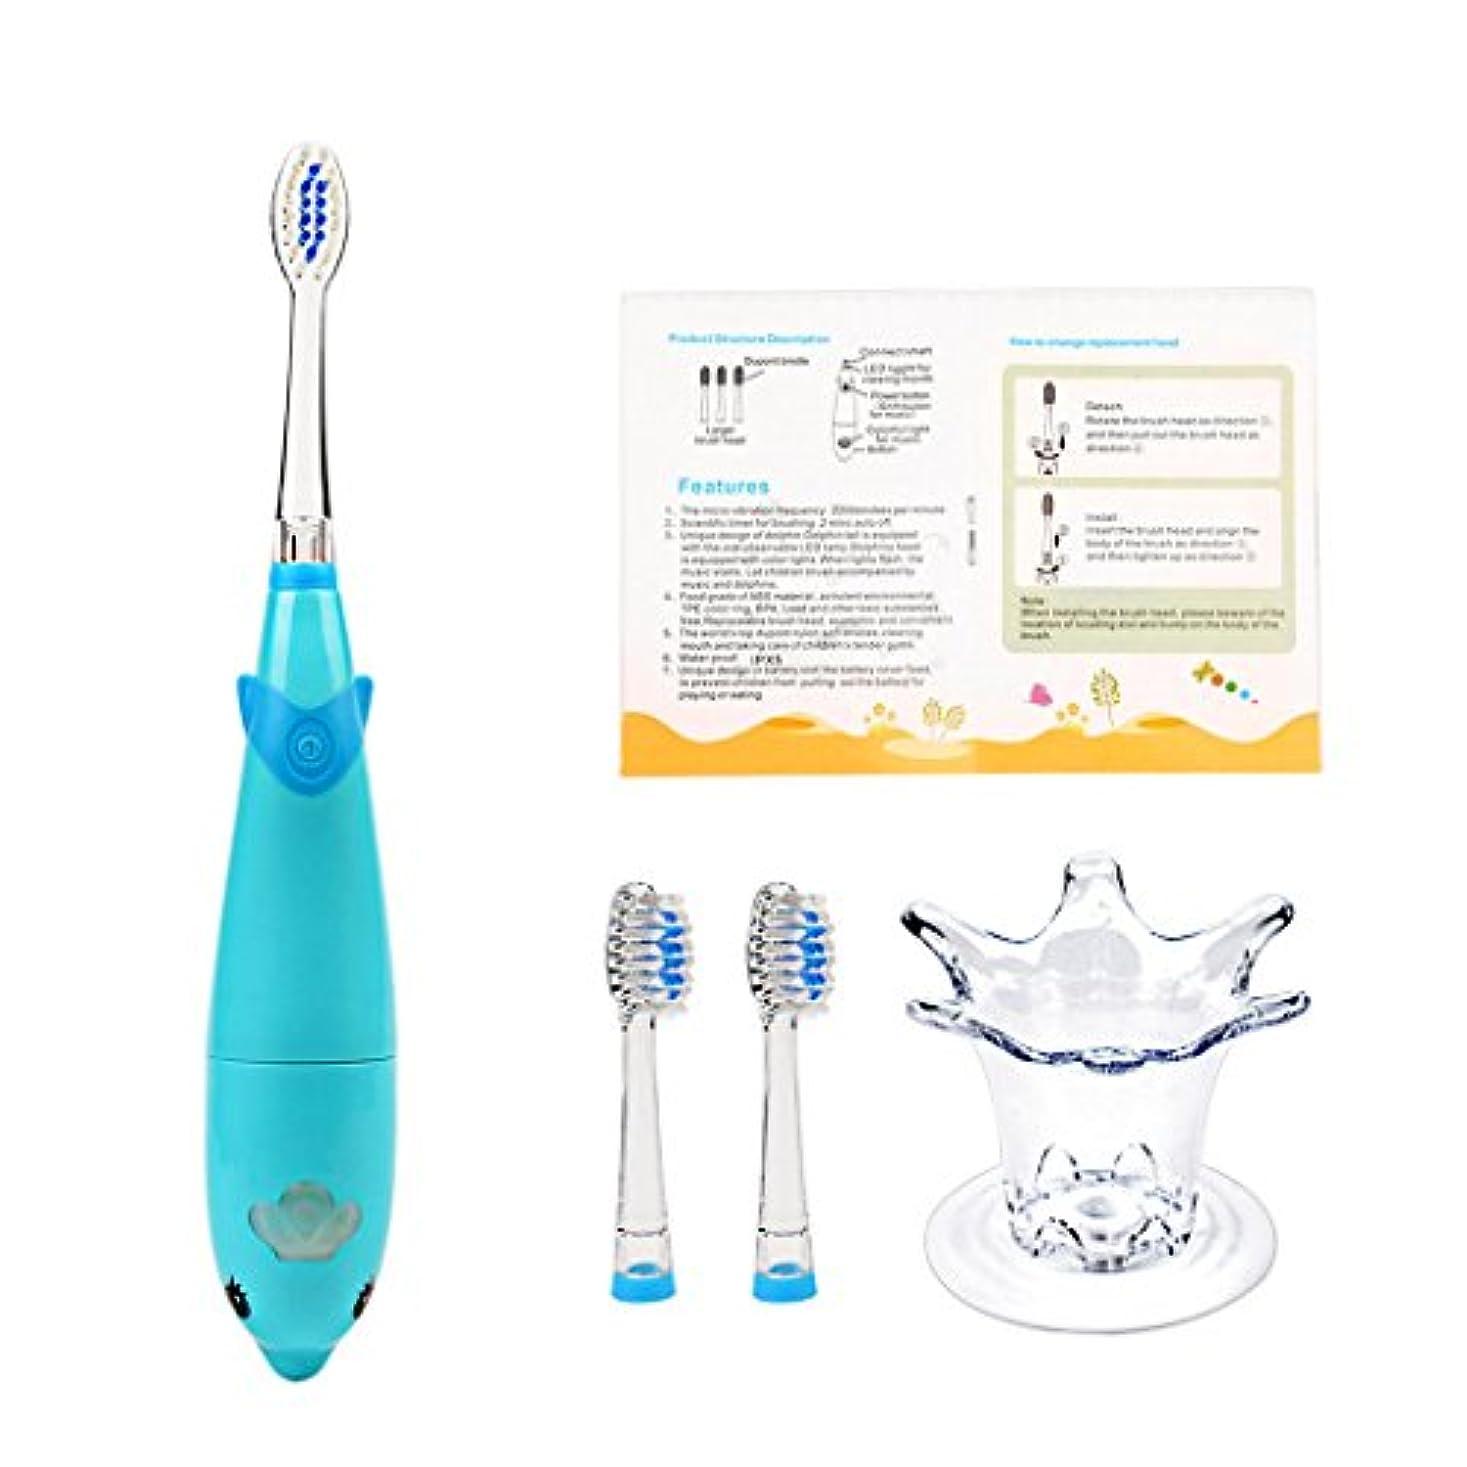 レイアウトインクシンジケート電動歯ブラシ こども用 音波振動歯ブラシ 軽量 LED付 防水防電 音楽 替えブラシ2本 (ブルー)